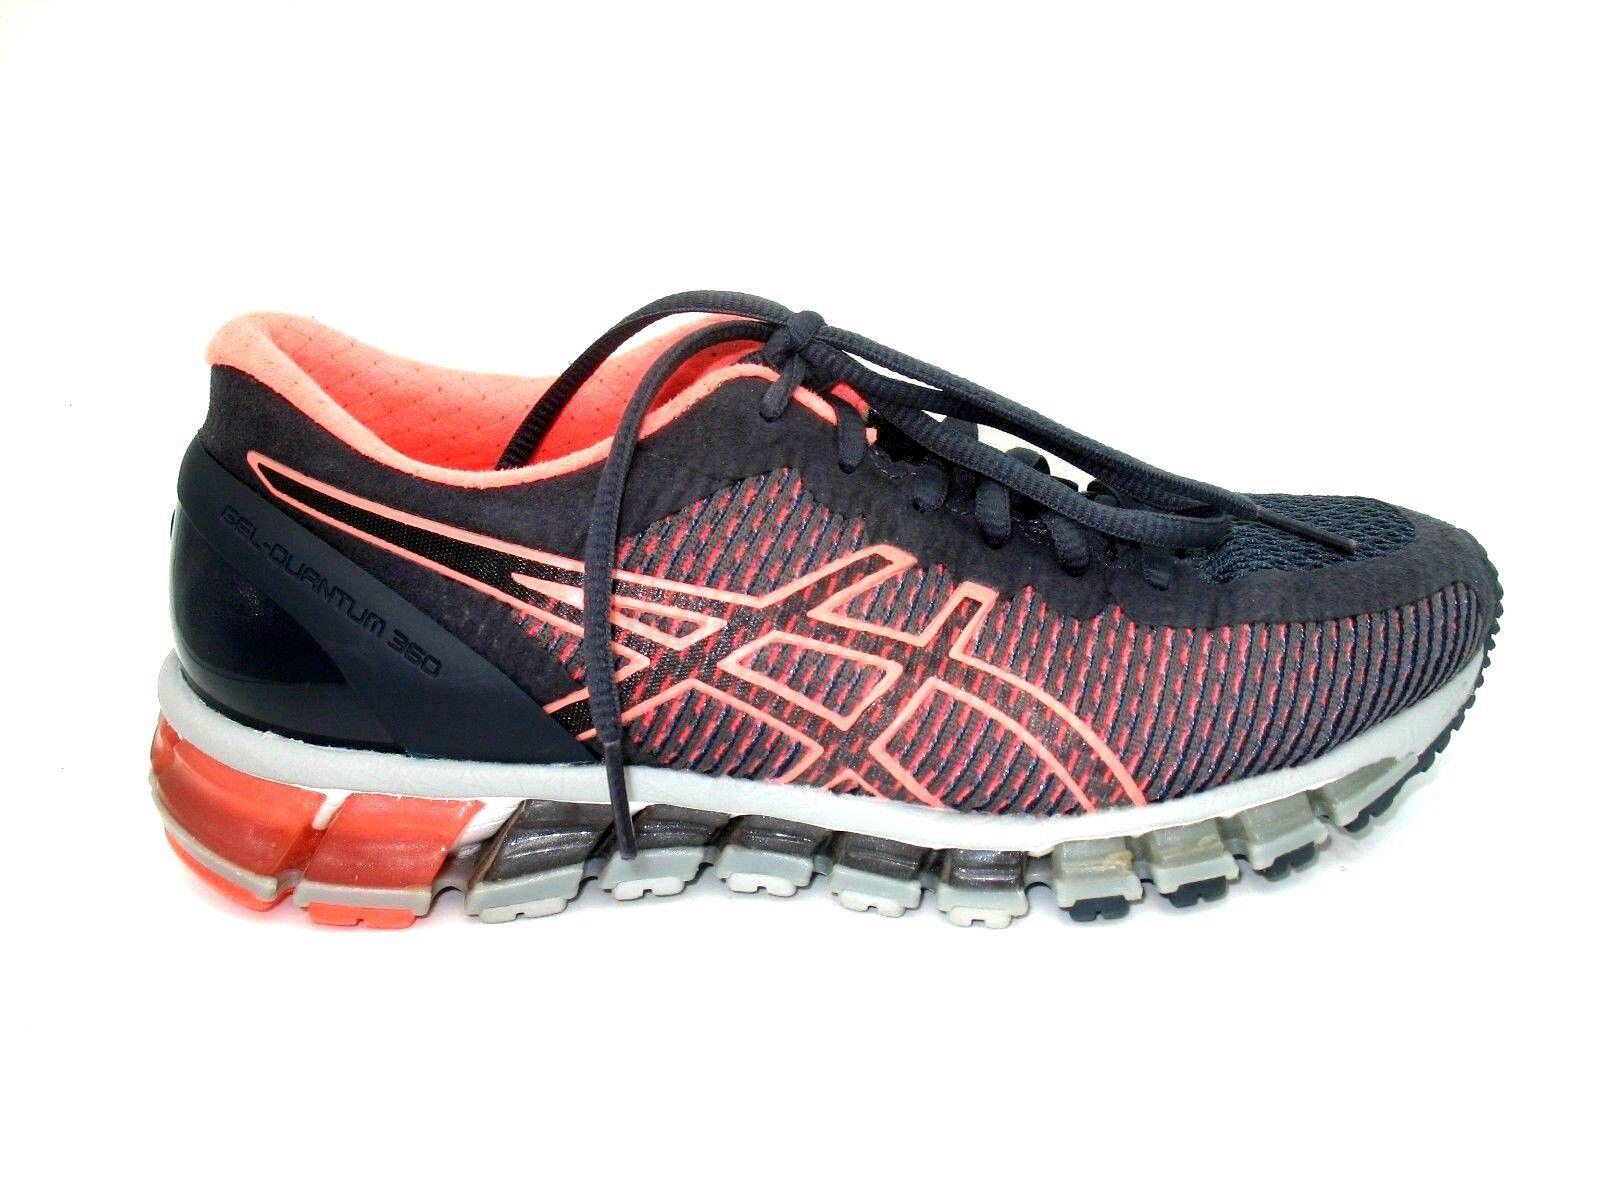 Asics Gel Atléticos Quantum 360 Correr Entrenamiento Zapatillas Zapatos Atléticos Gel para mujer 7M Usado En Excelente Condición 331058